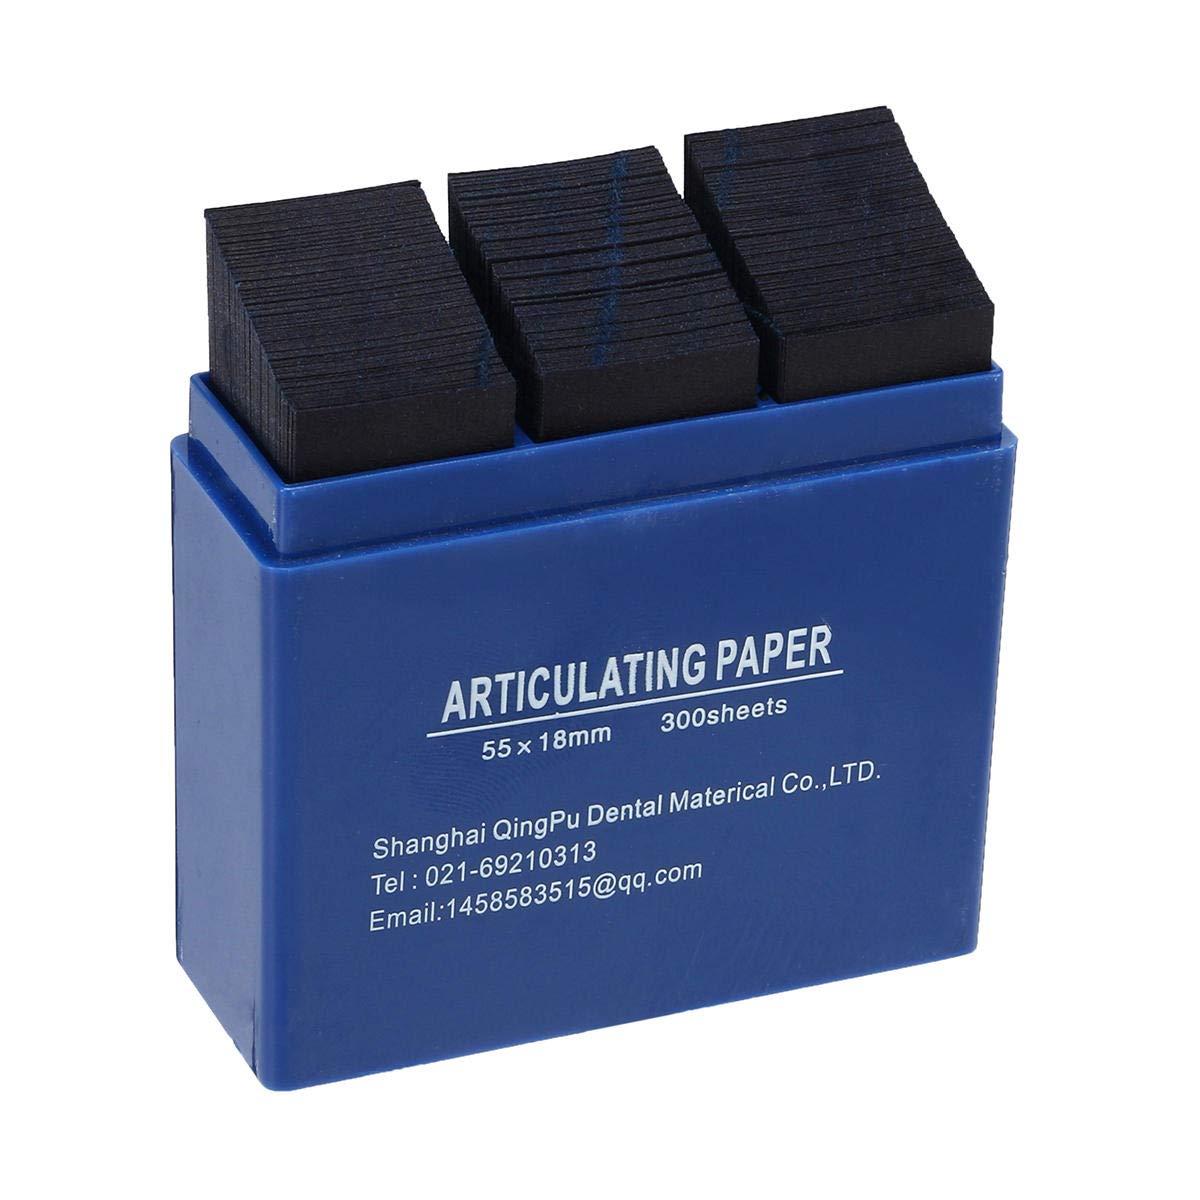 300 hojas de papel articulado dental, productos de laboratorio dental, tiras de cuidado de dientes, kit de herramientas: Amazon.es: Hogar